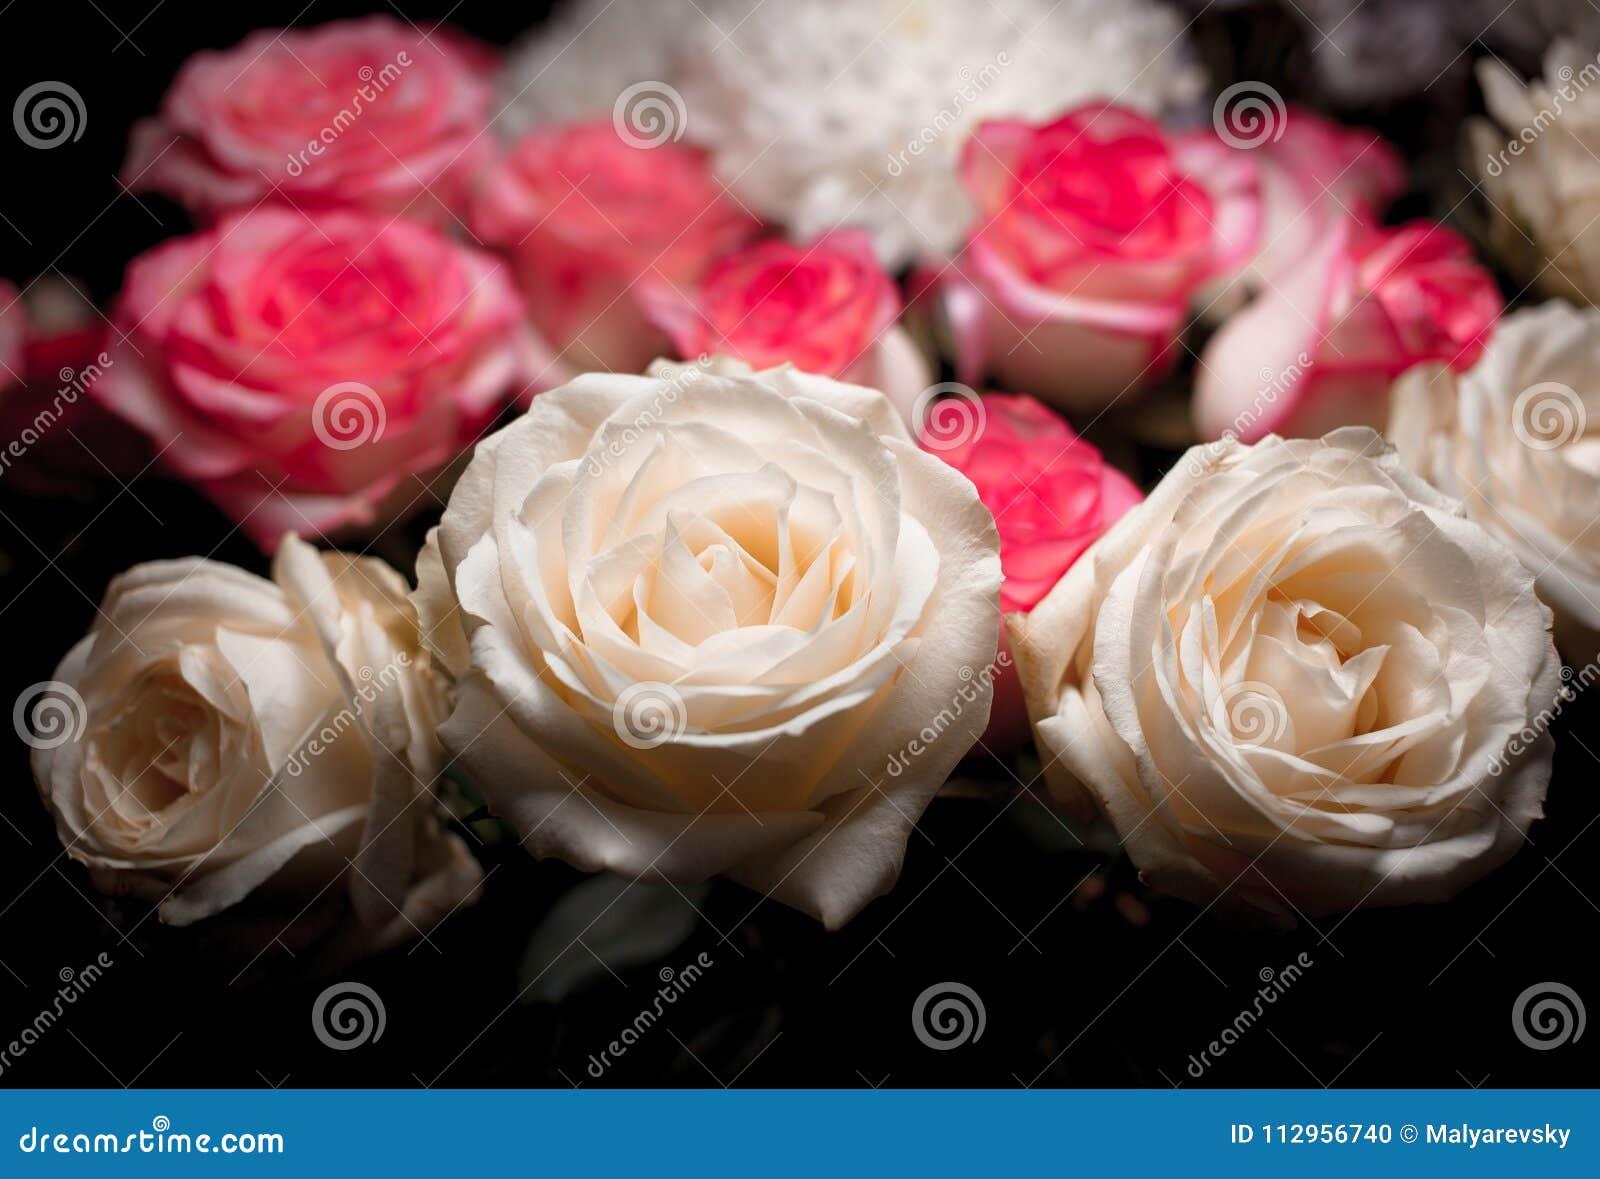 Stilleven van roze boeketbloem Mooie verse roze rozen Rose Posy Wedding Bouquet hoop van roze en witte verse rozen